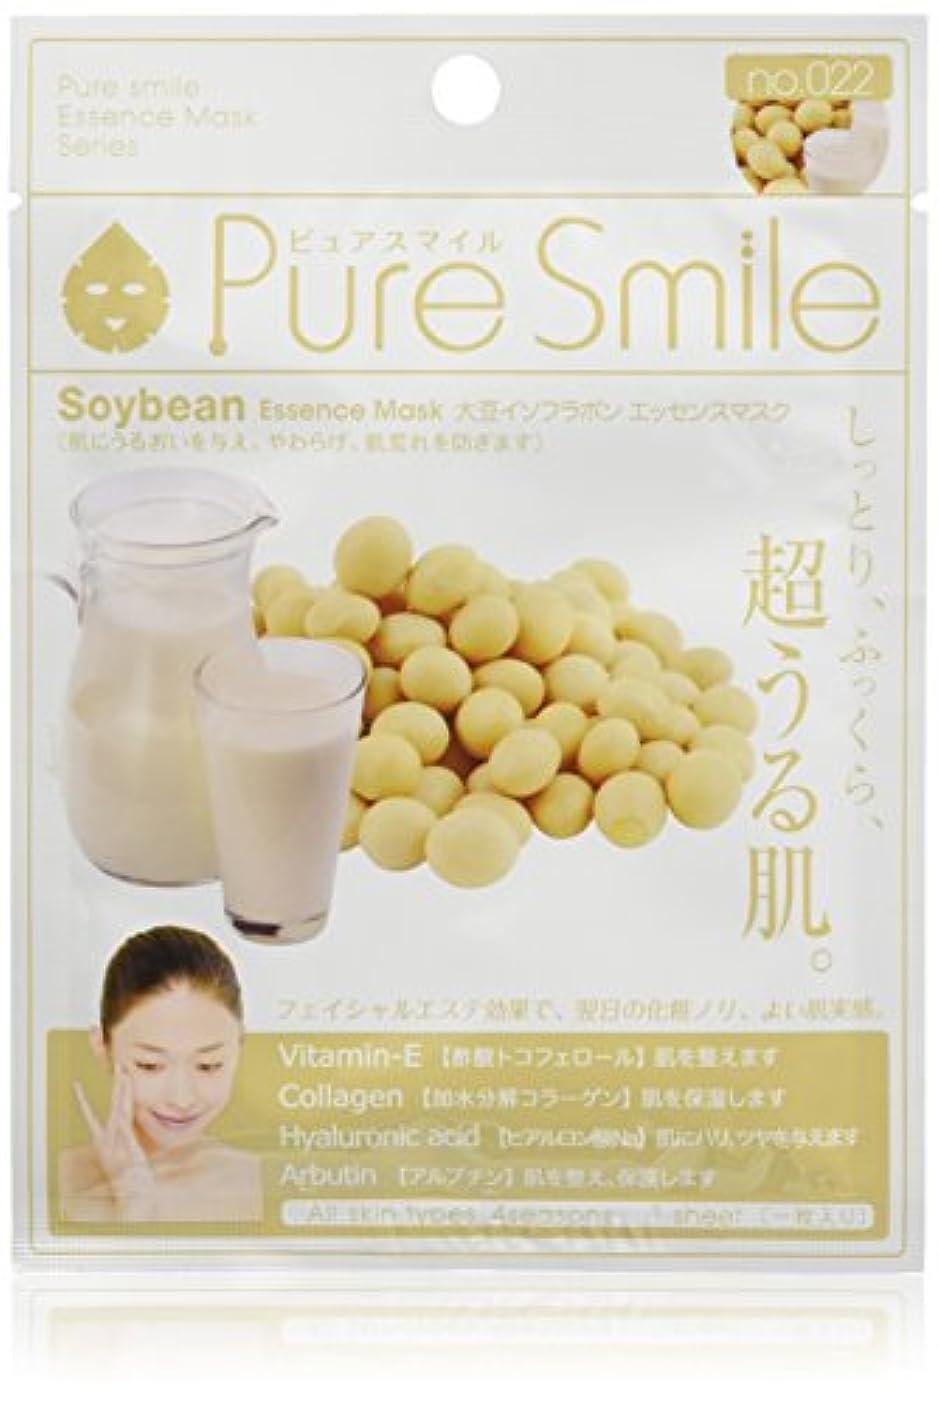 継続中コントラストネックレットPure Smile ピュアスマイル エッセンスマスク 大豆イソフラボン 6枚セット